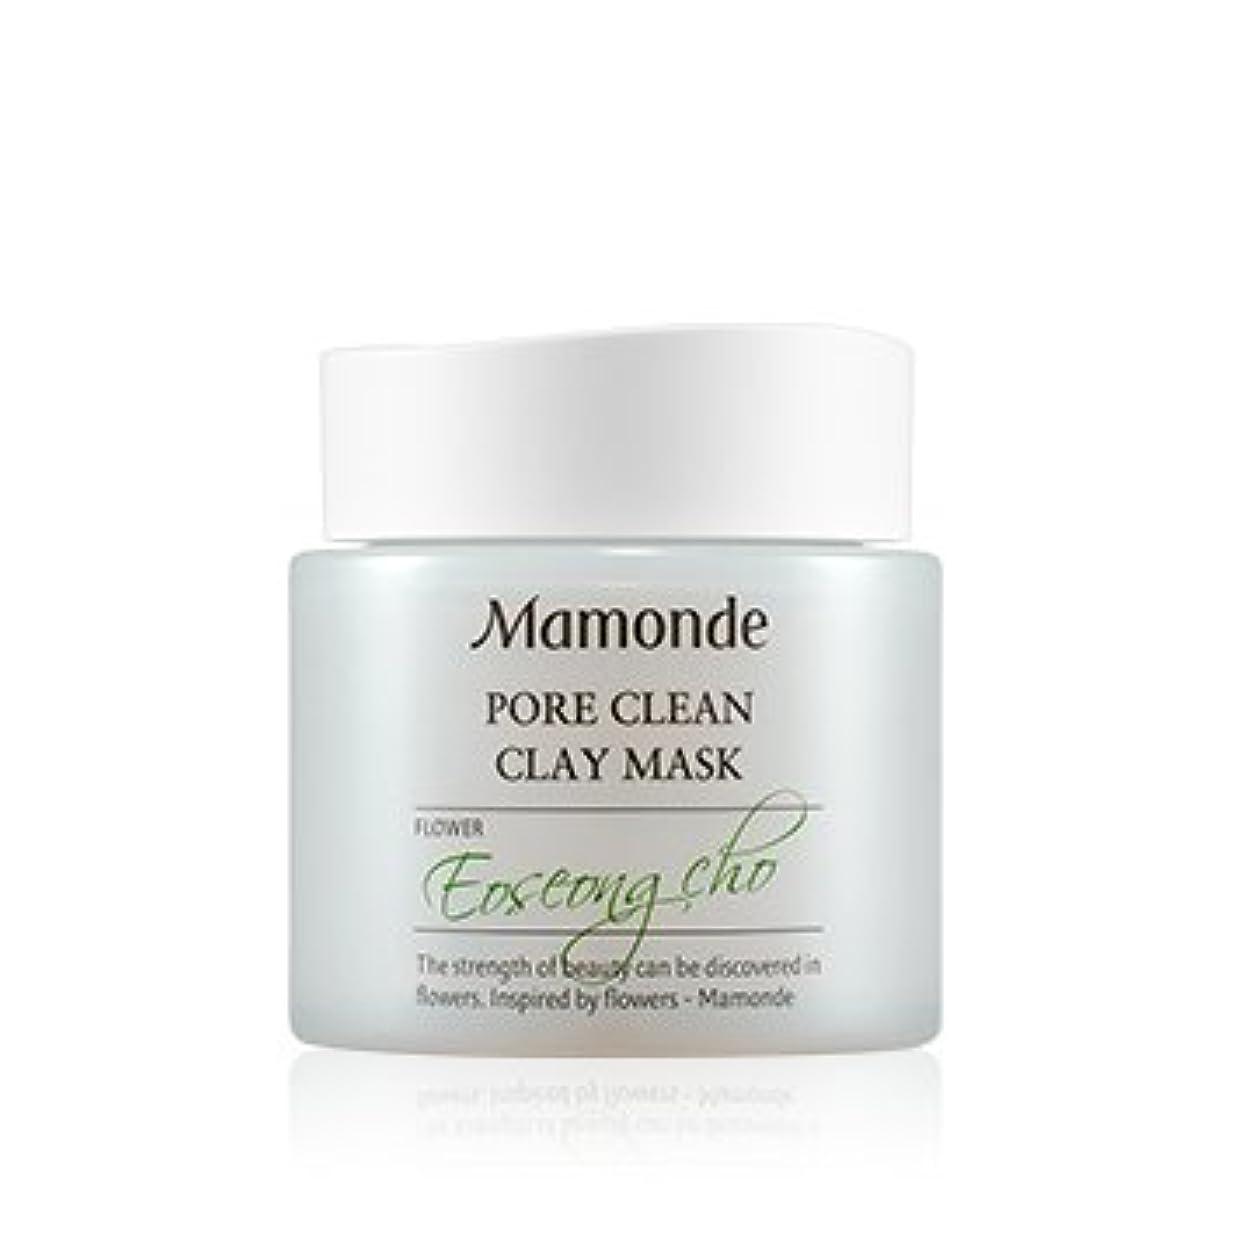 喜ぶタイプライター遷移[New] Mamonde Pore Clean Clay Mask 100ml/マモンド ポア クリーン クレイ マスク 100ml [並行輸入品]